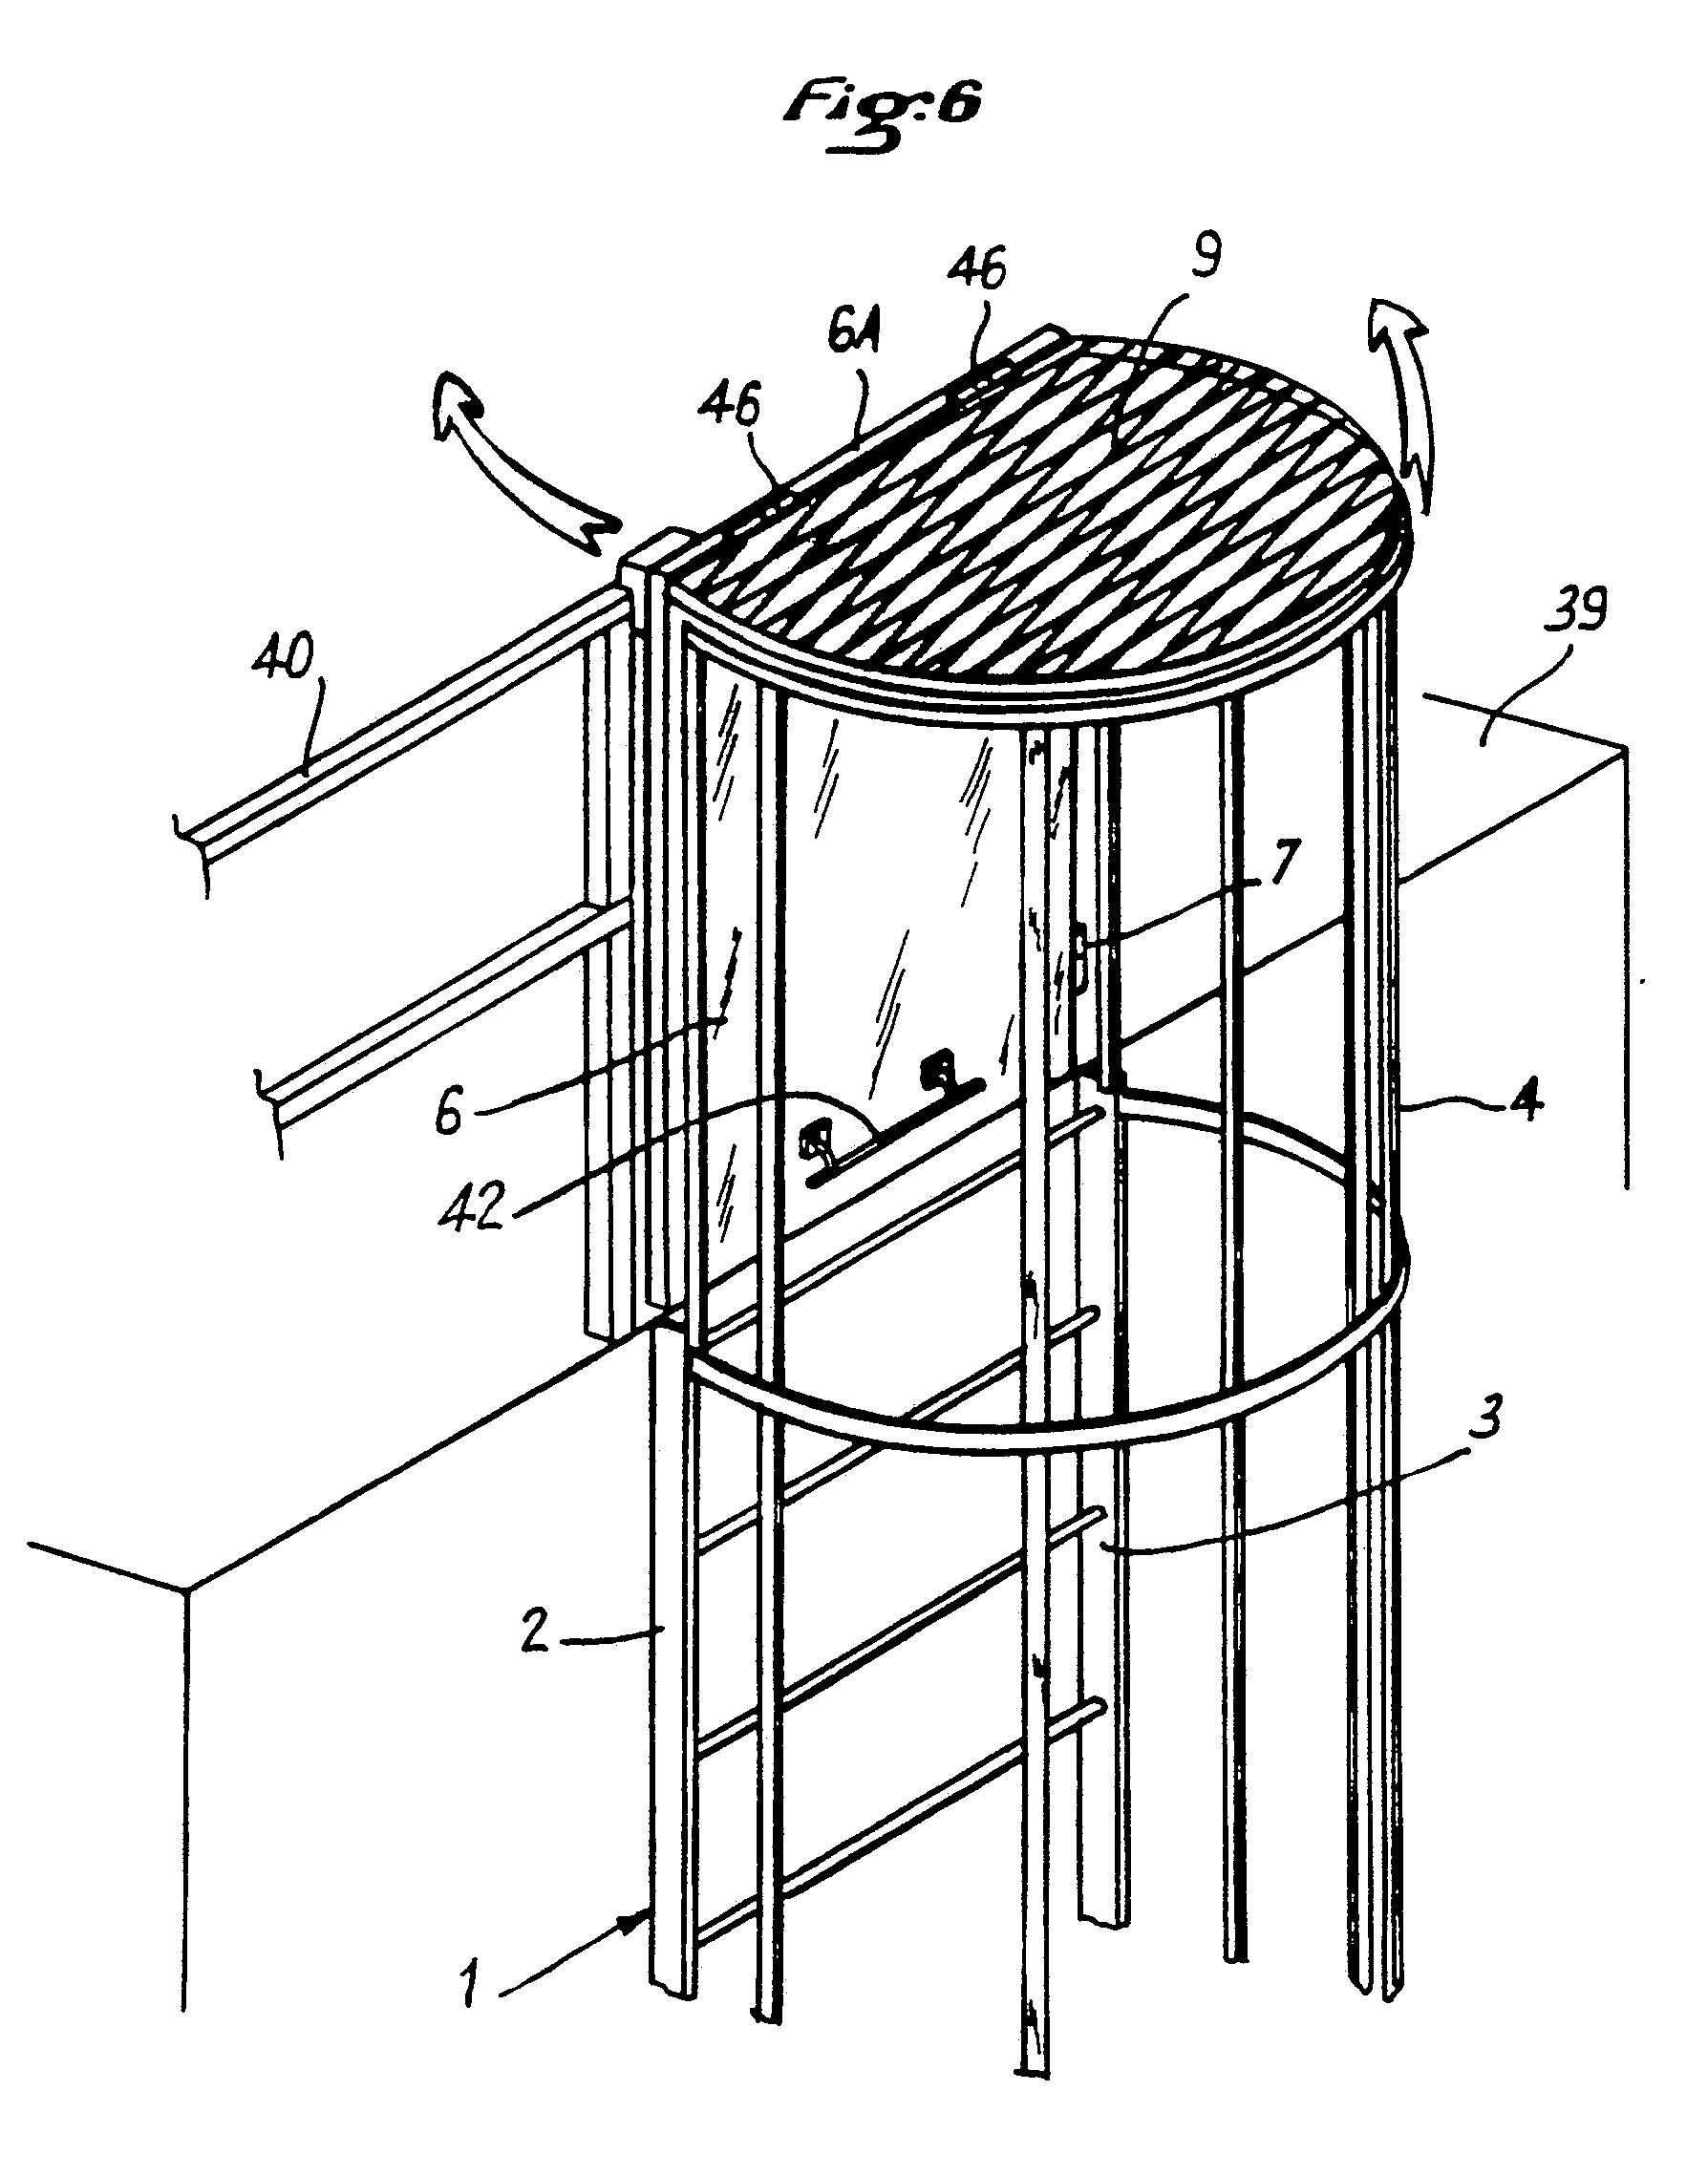 patent ep0151076b1 dispositif pour condamner l 39 acc s aux chelles crinoline google patents. Black Bedroom Furniture Sets. Home Design Ideas